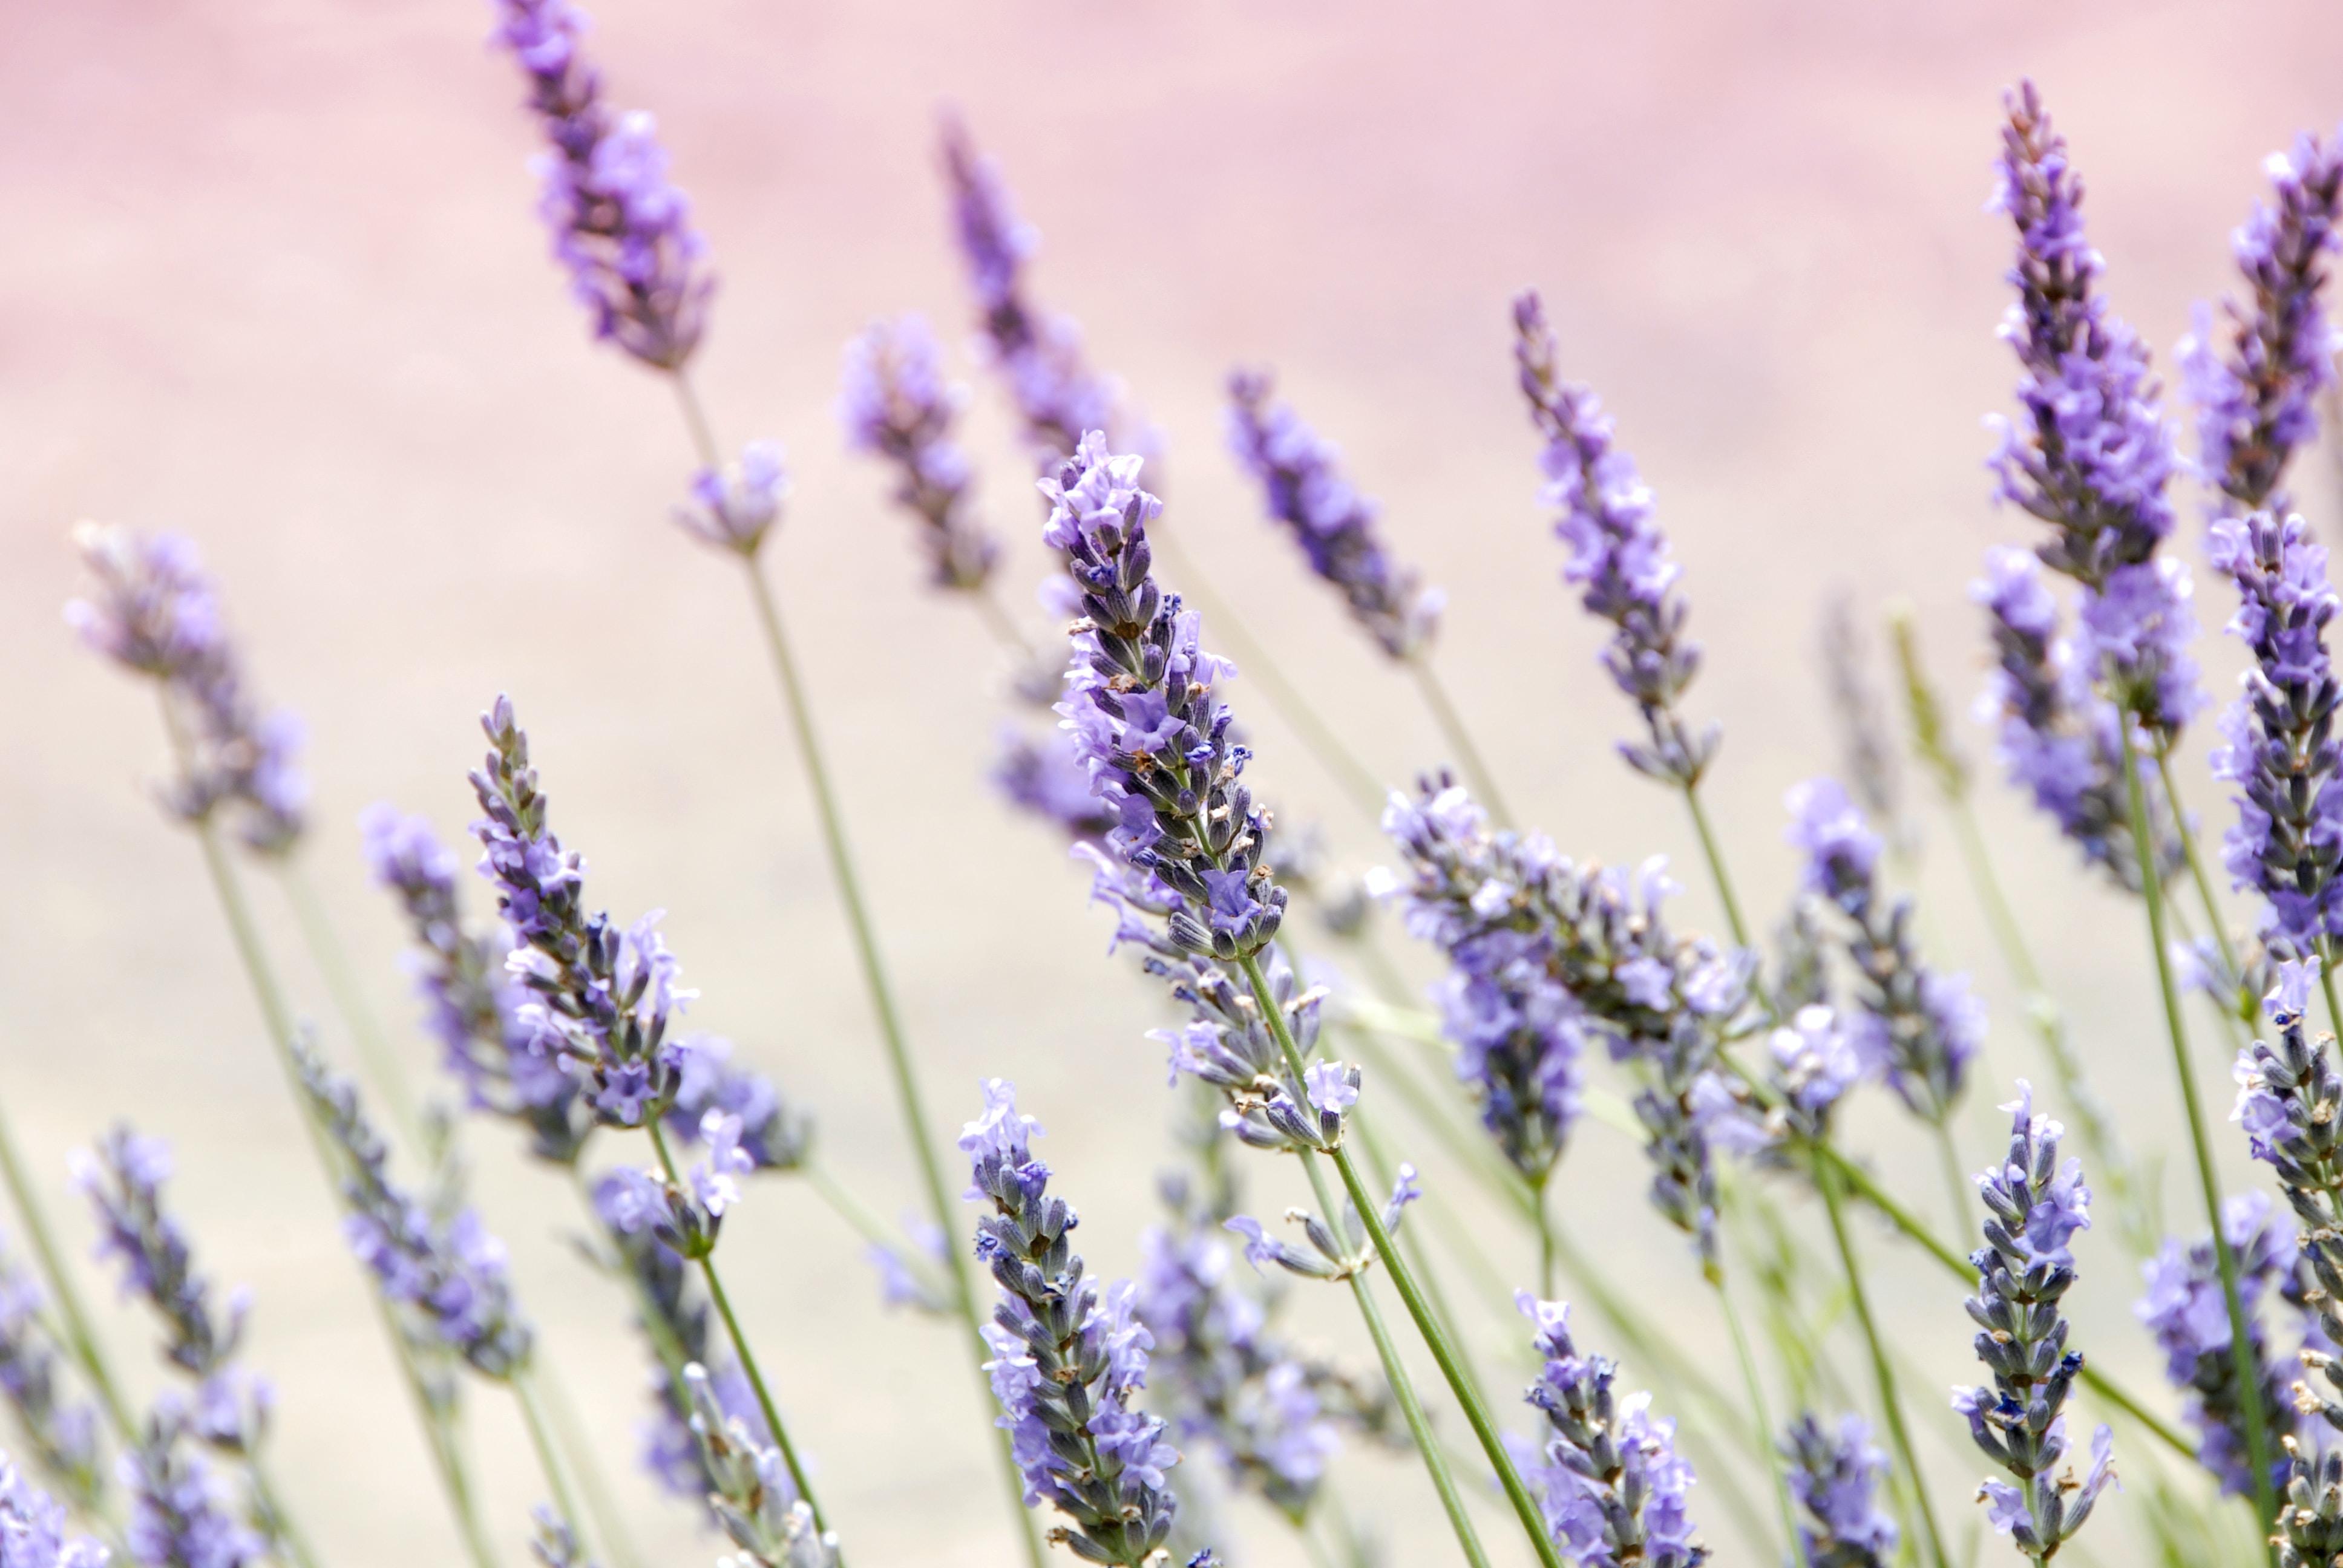 27 Lavender Pictures Download Free Images On Unsplash